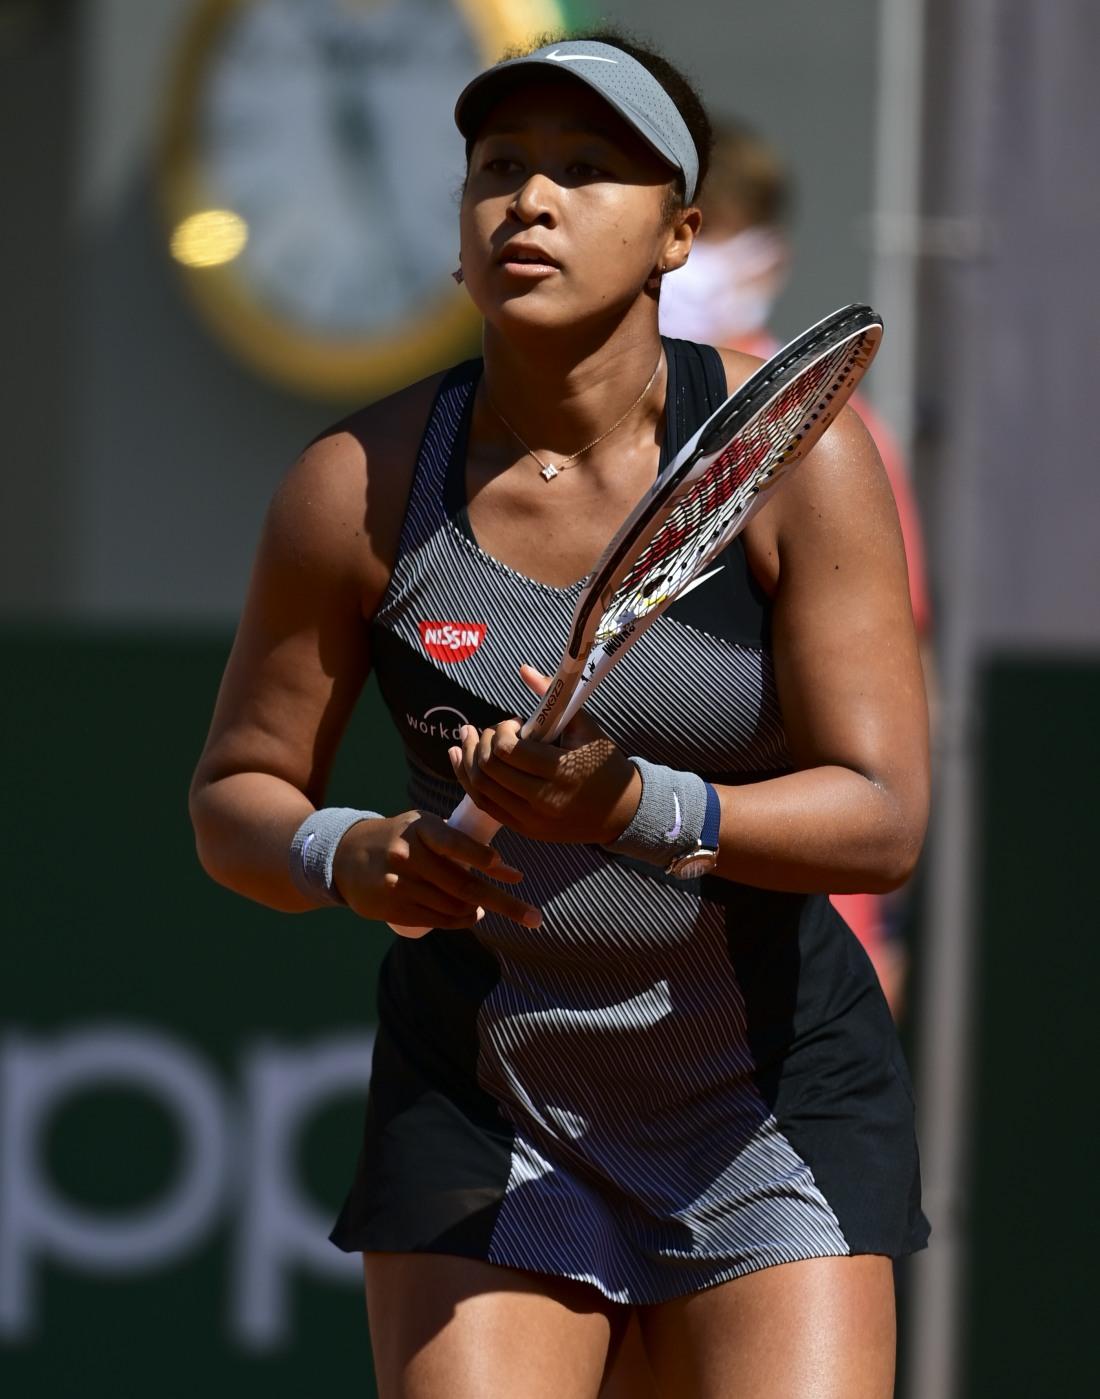 TENNIS : Roland Garros French Open 2021 - Paris - 30/05/2021